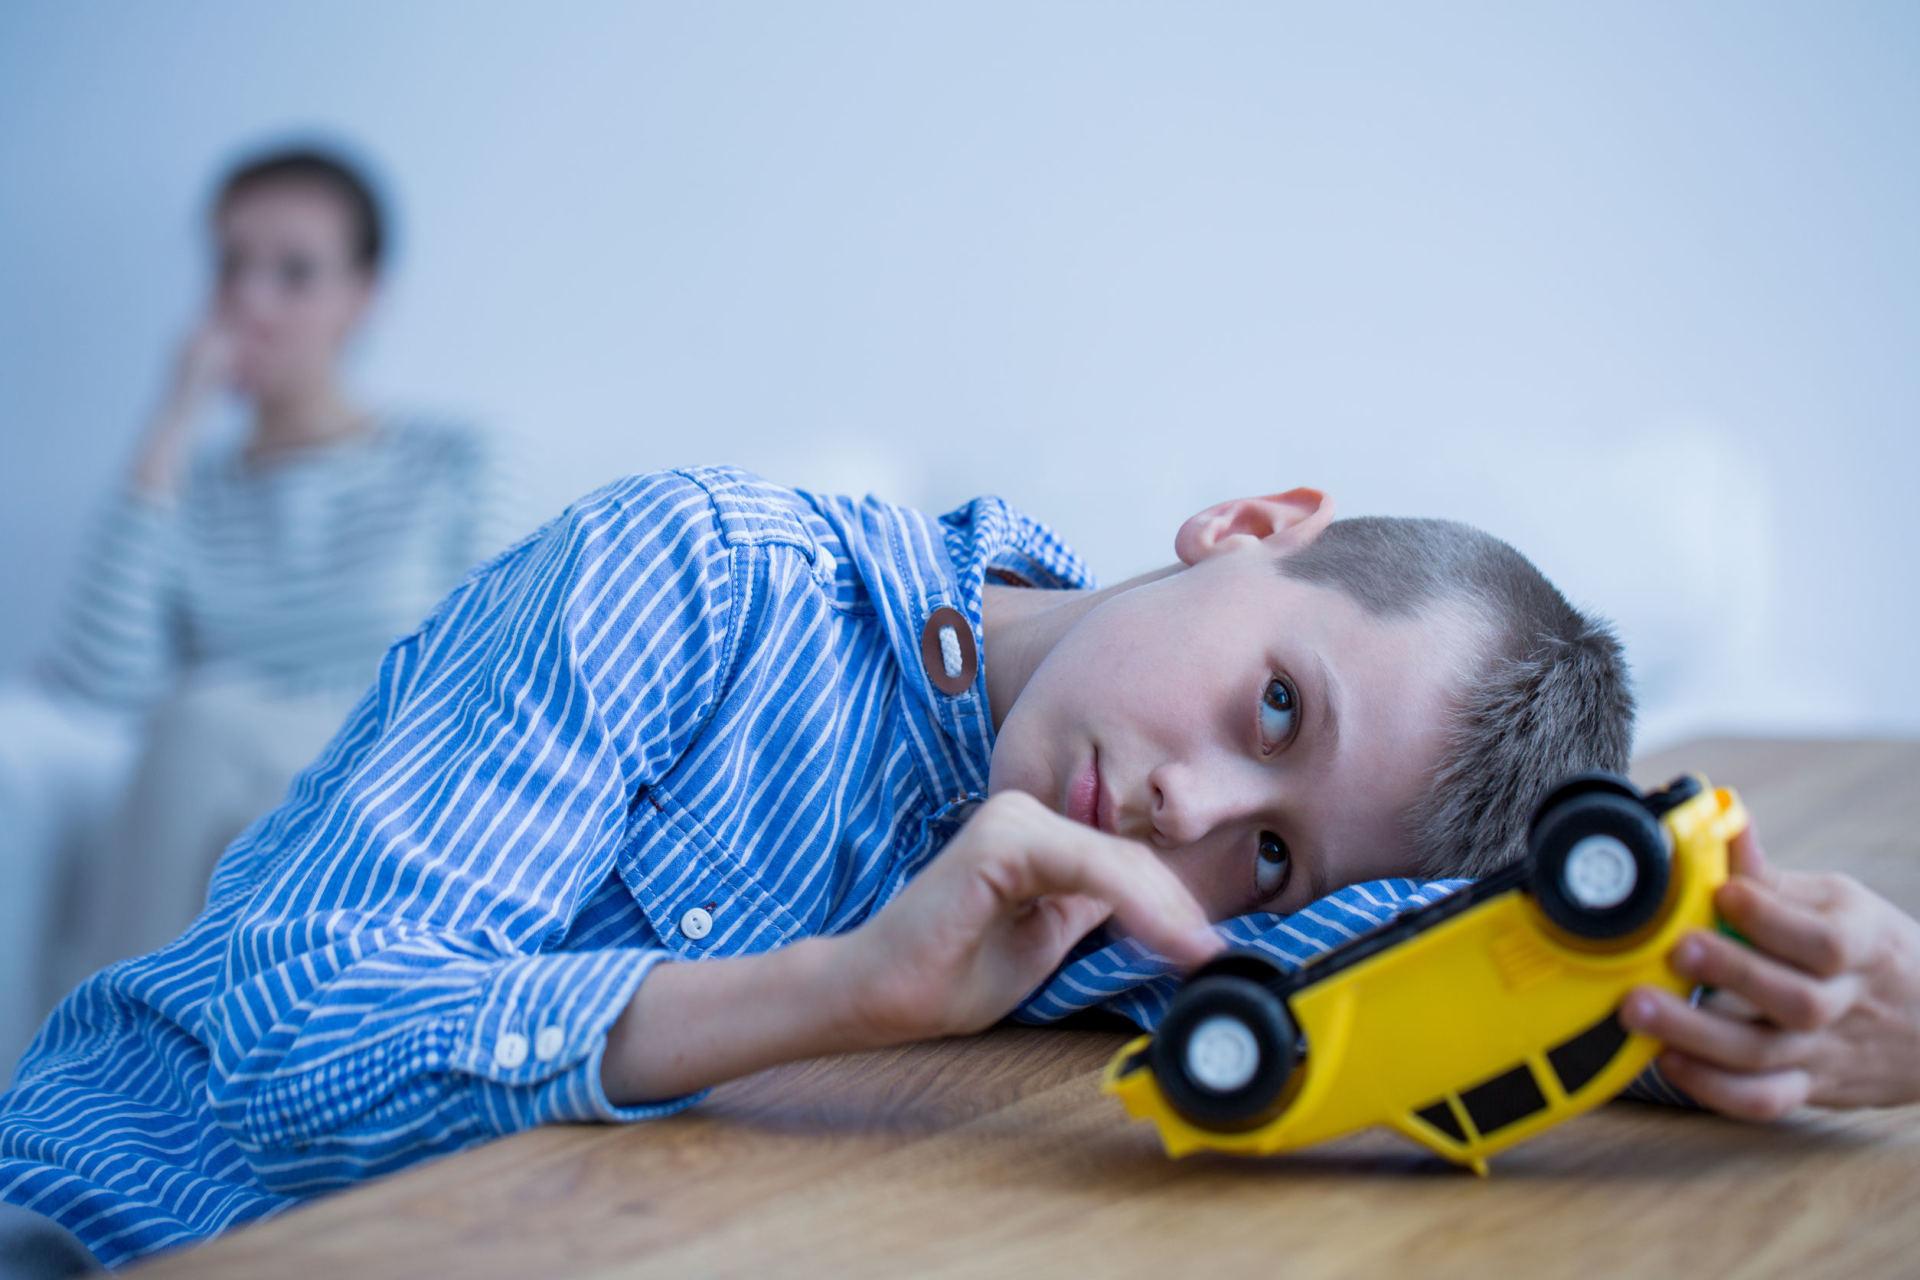 """Asociacijos """"Kitoks vaikas"""" veiklos apžvalga portale 15min.lt"""